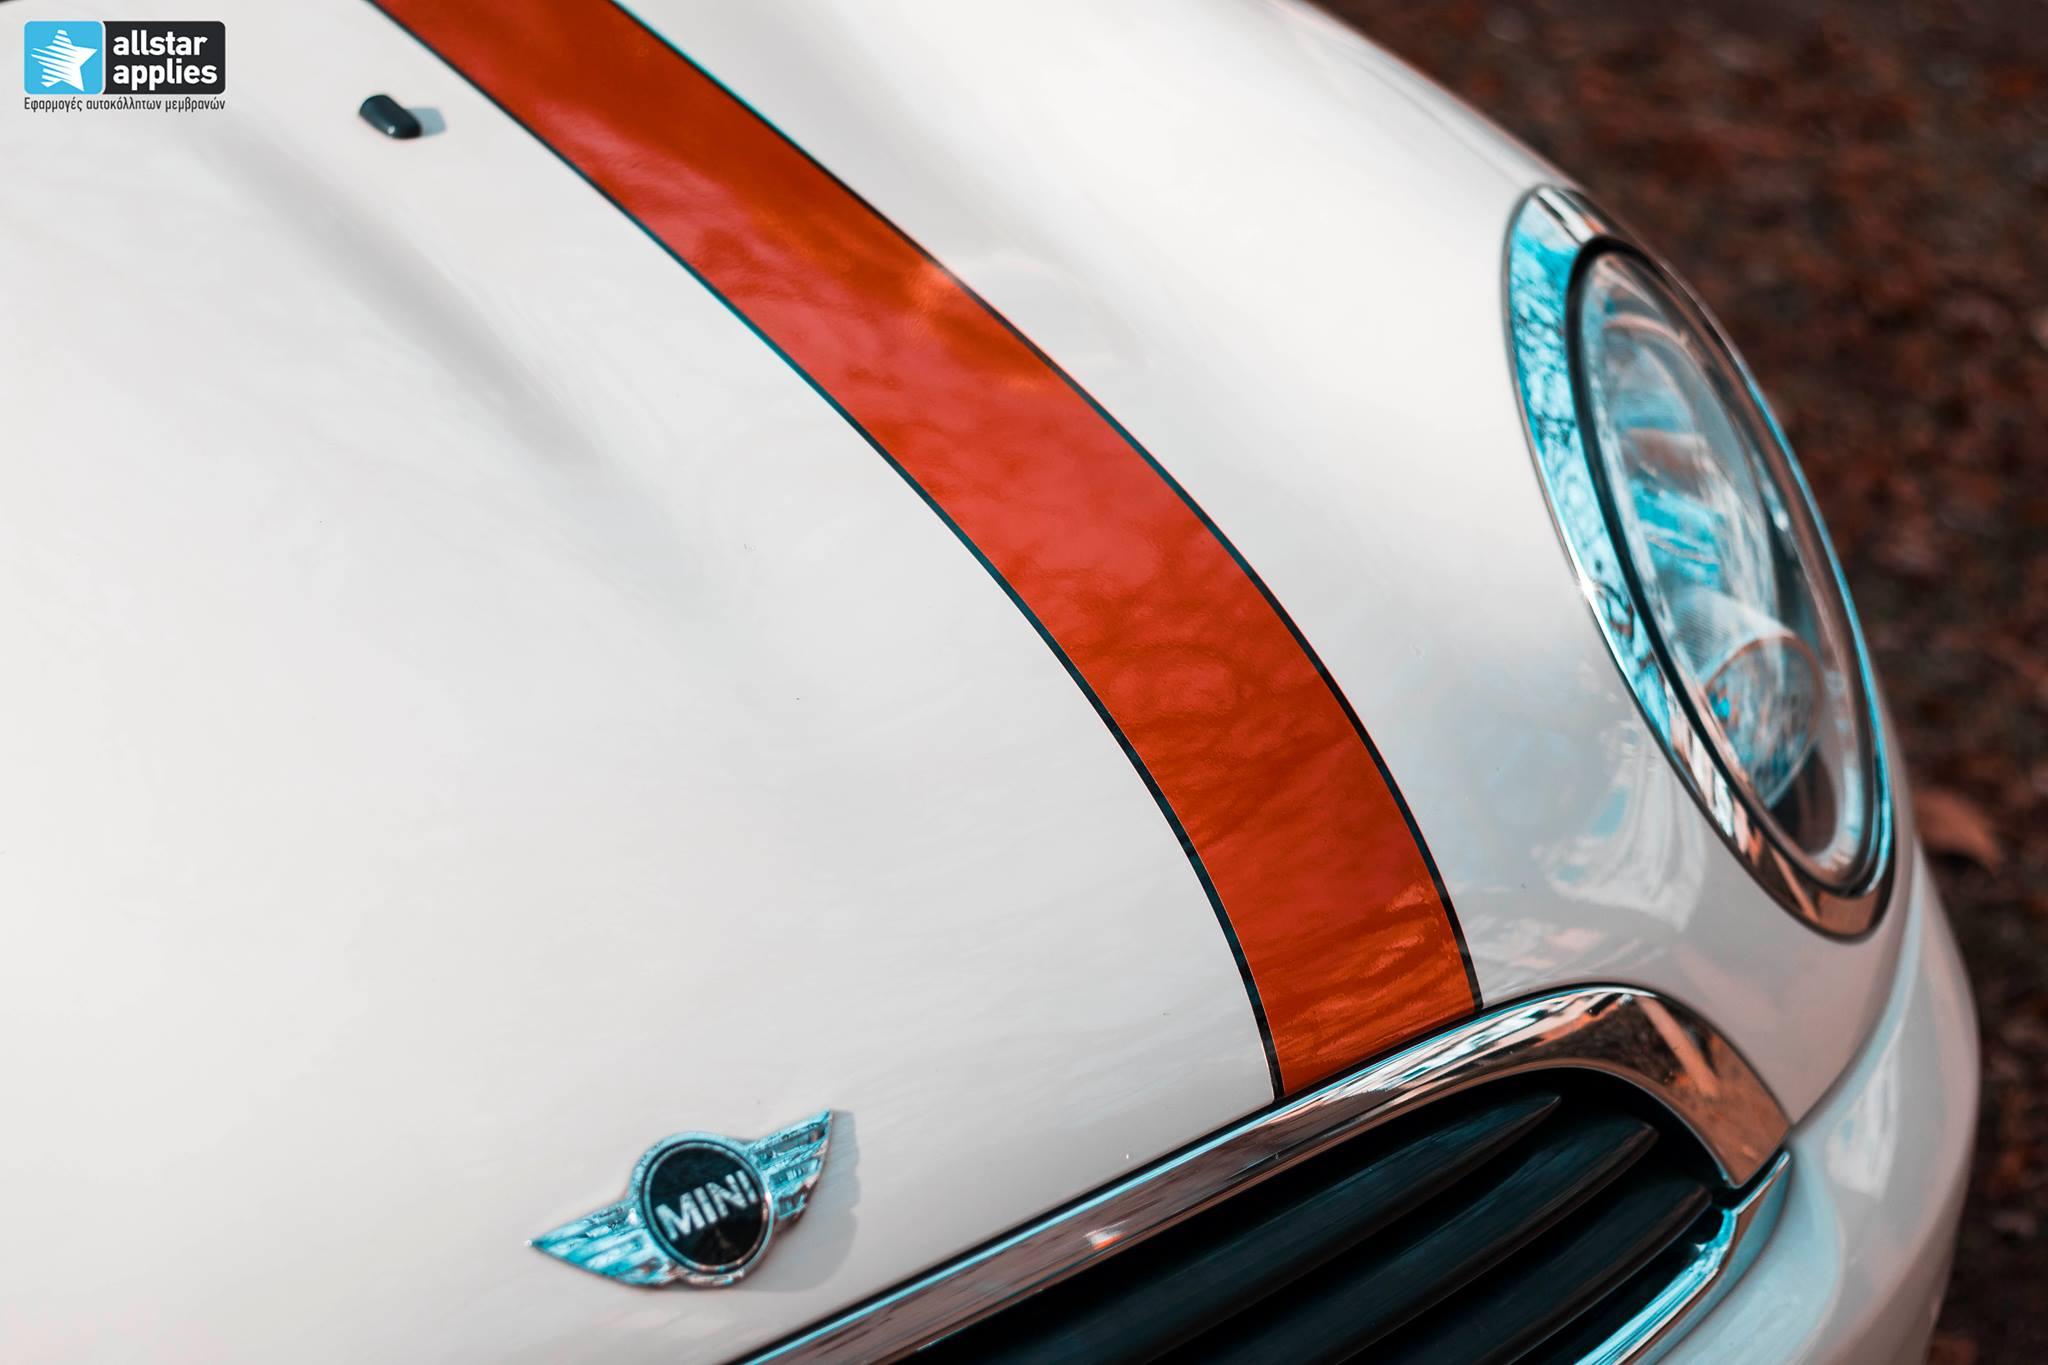 Μεμβράνες αλλαγής χρώματος Mini Cooper | Allstar Applies